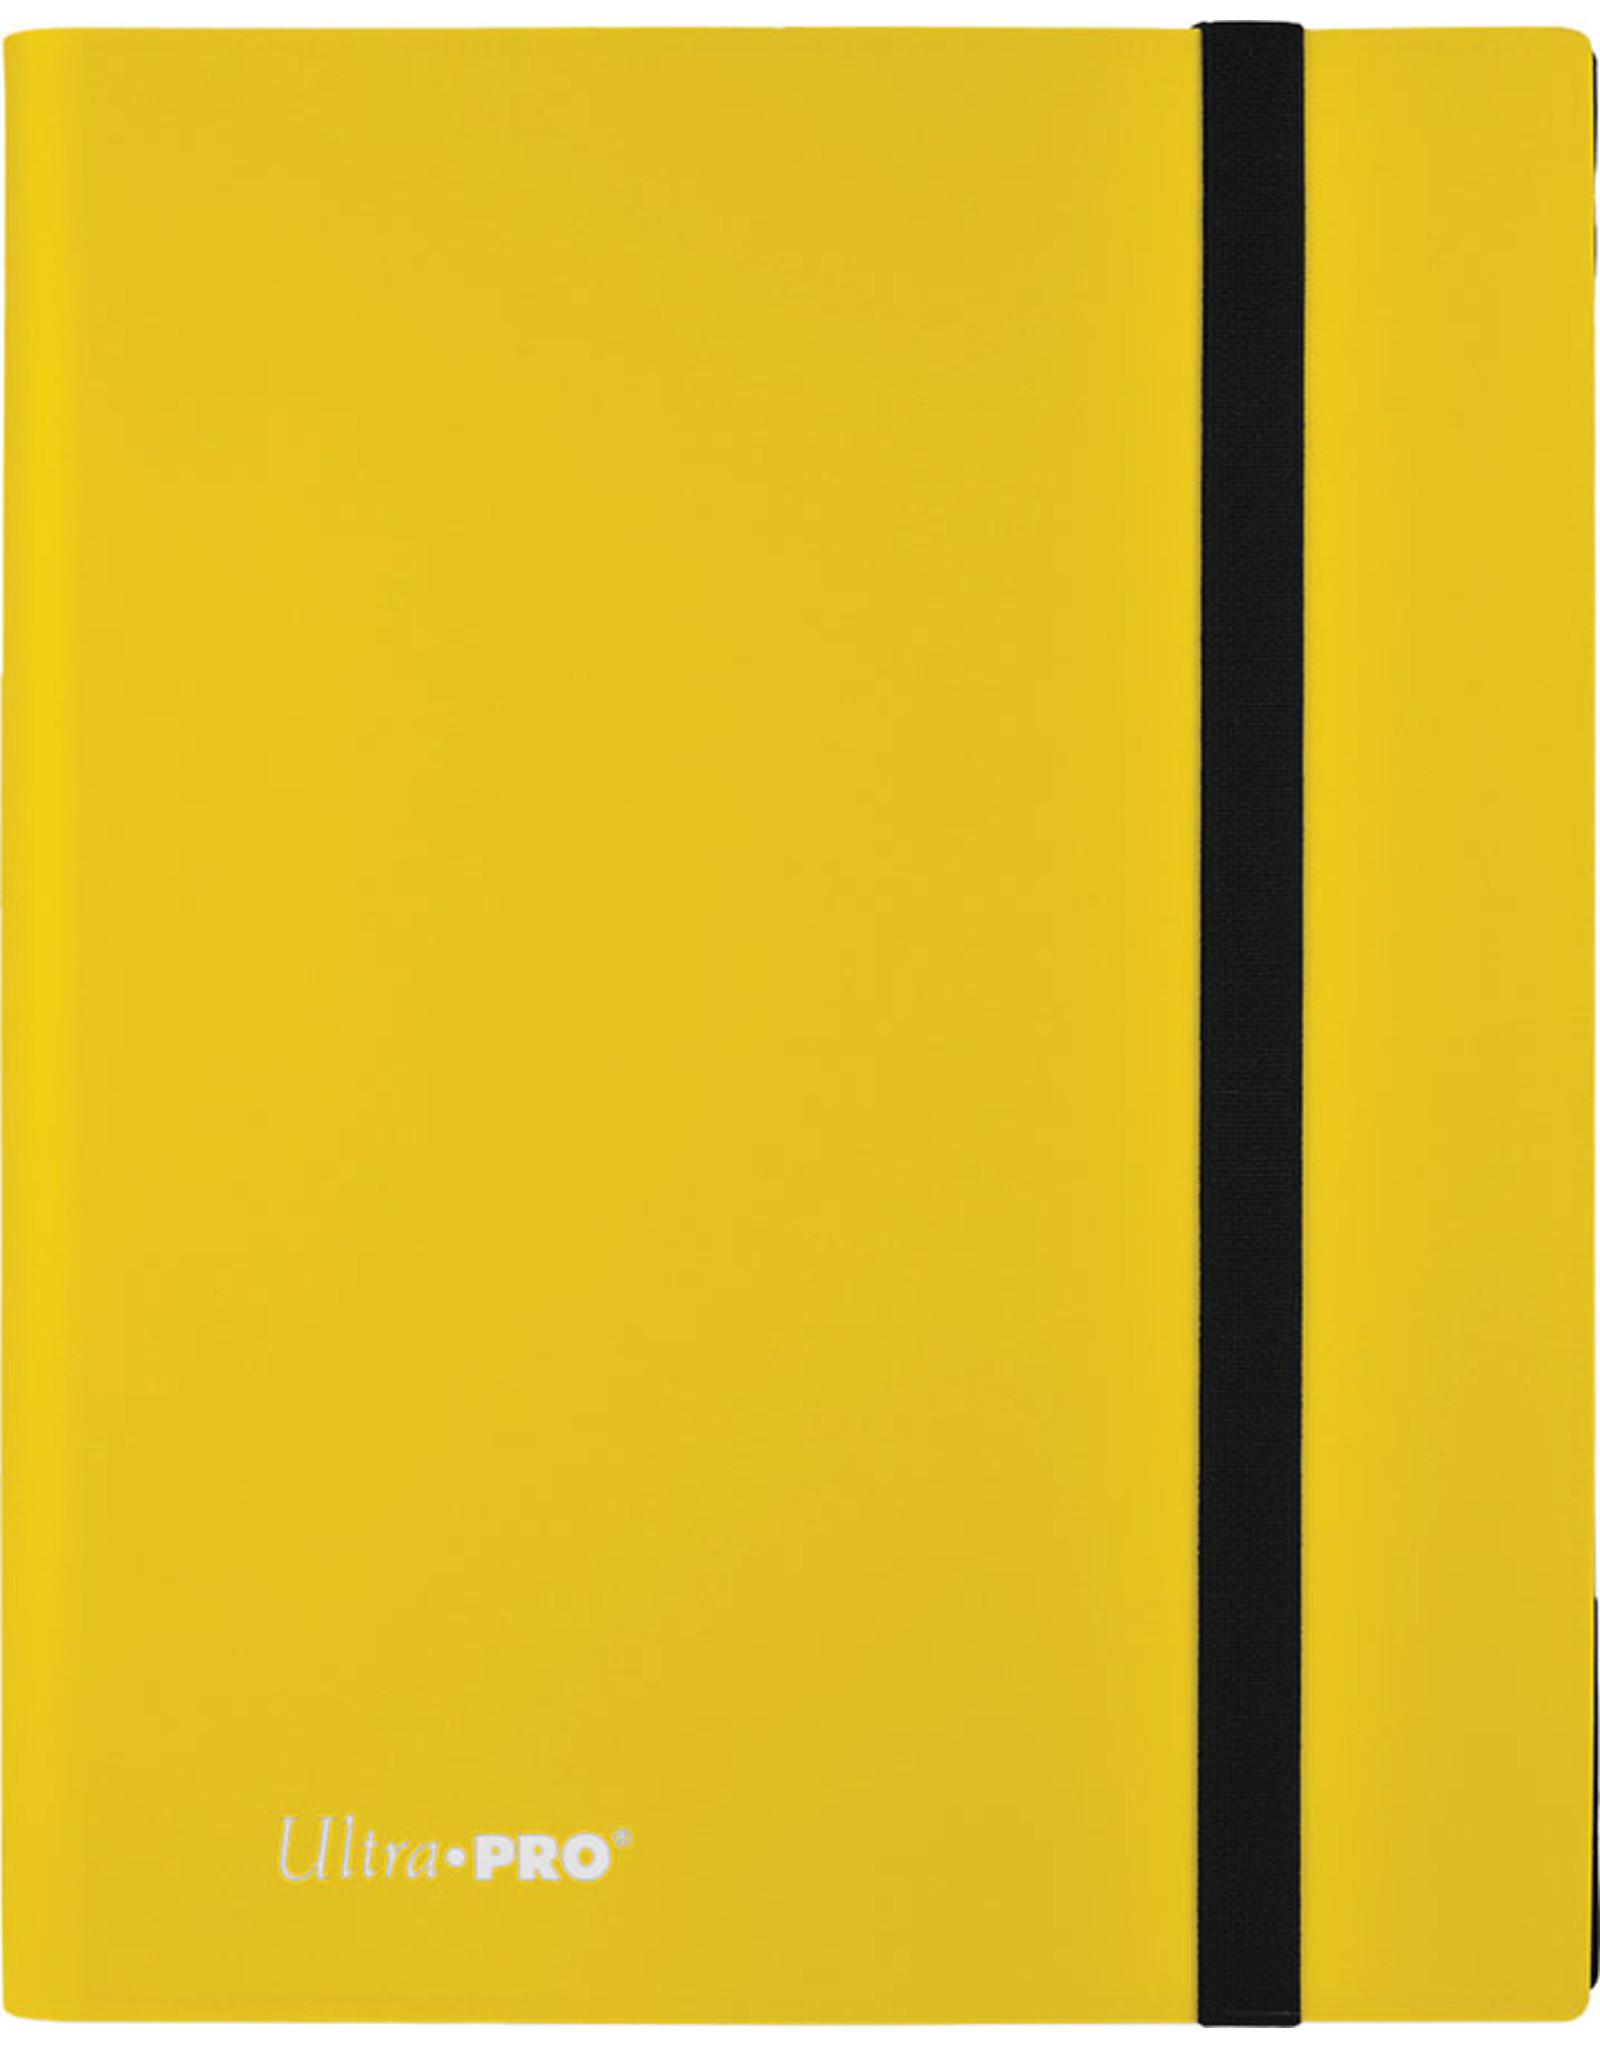 Ultra Pro Binder: 9pkt PRO: Eclipse Lemon YE